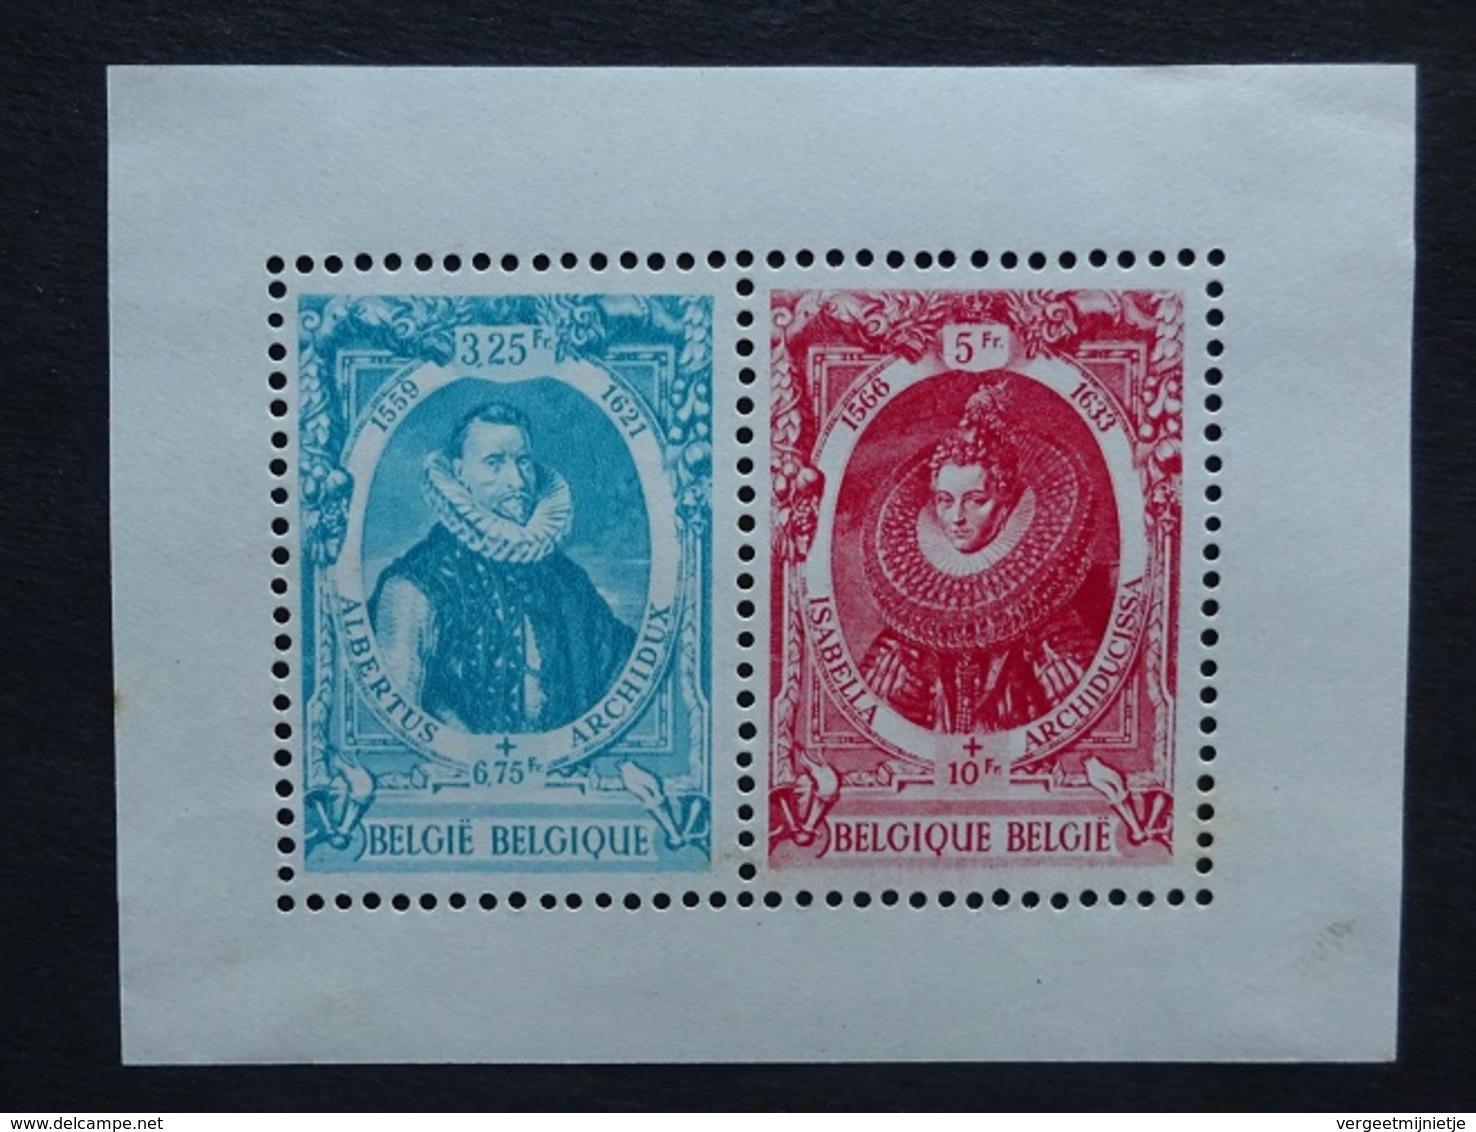 BELGIE  1942   Blok 17  Albrecht En Isabella     Postfris **     CW 15,00 - Blocs 1924-1960